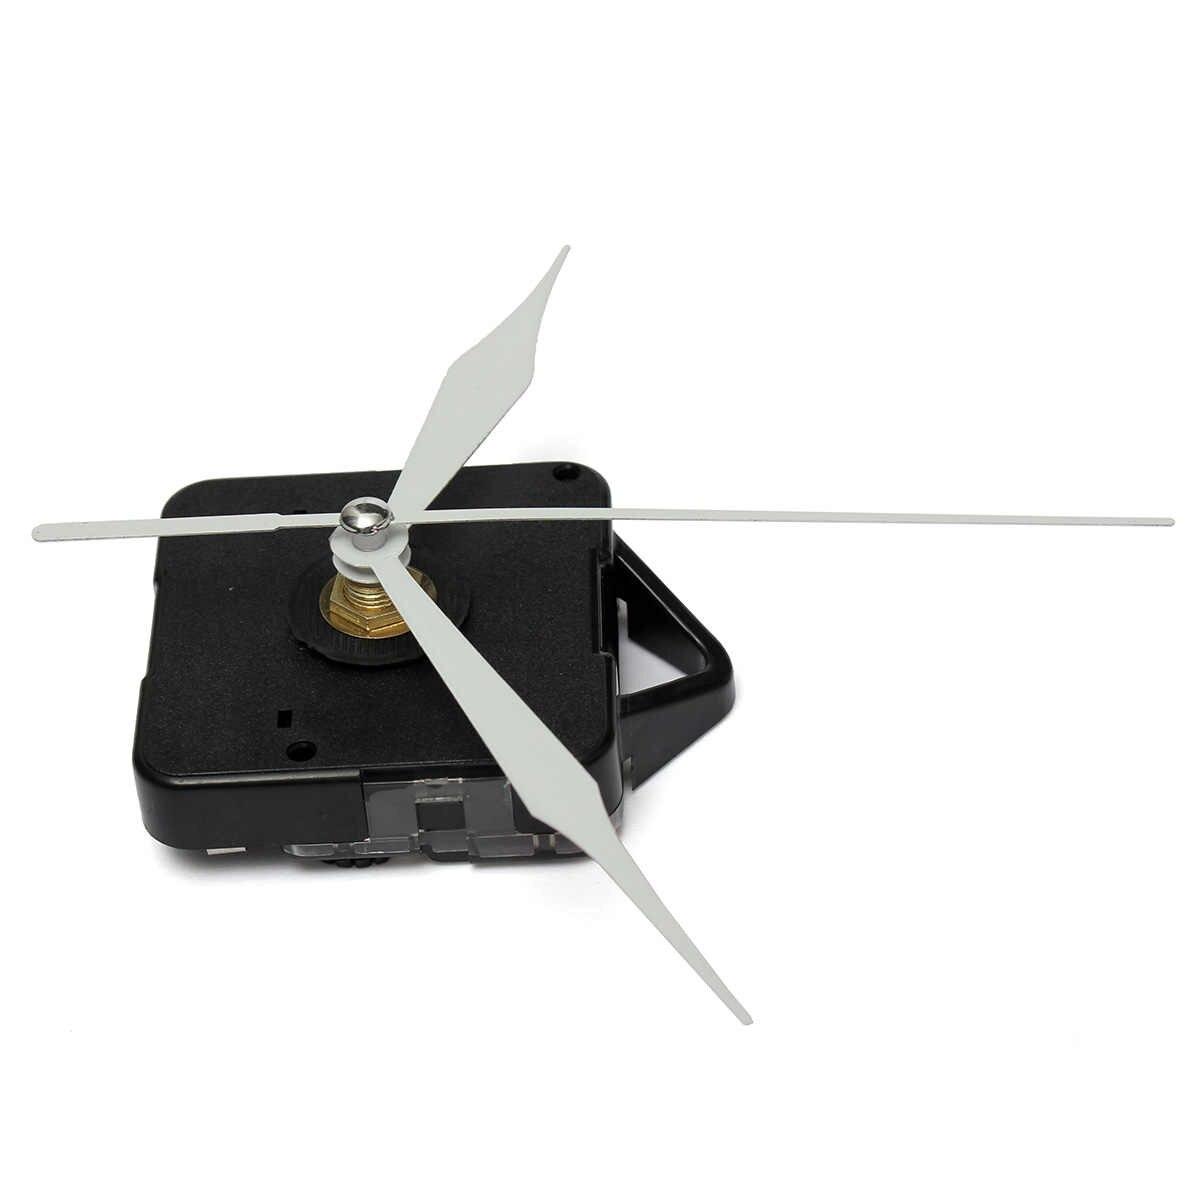 カーホワイトハンズクォーツ時計ウォールクロックムーブメントメカニズム修理部品ツールセットキット